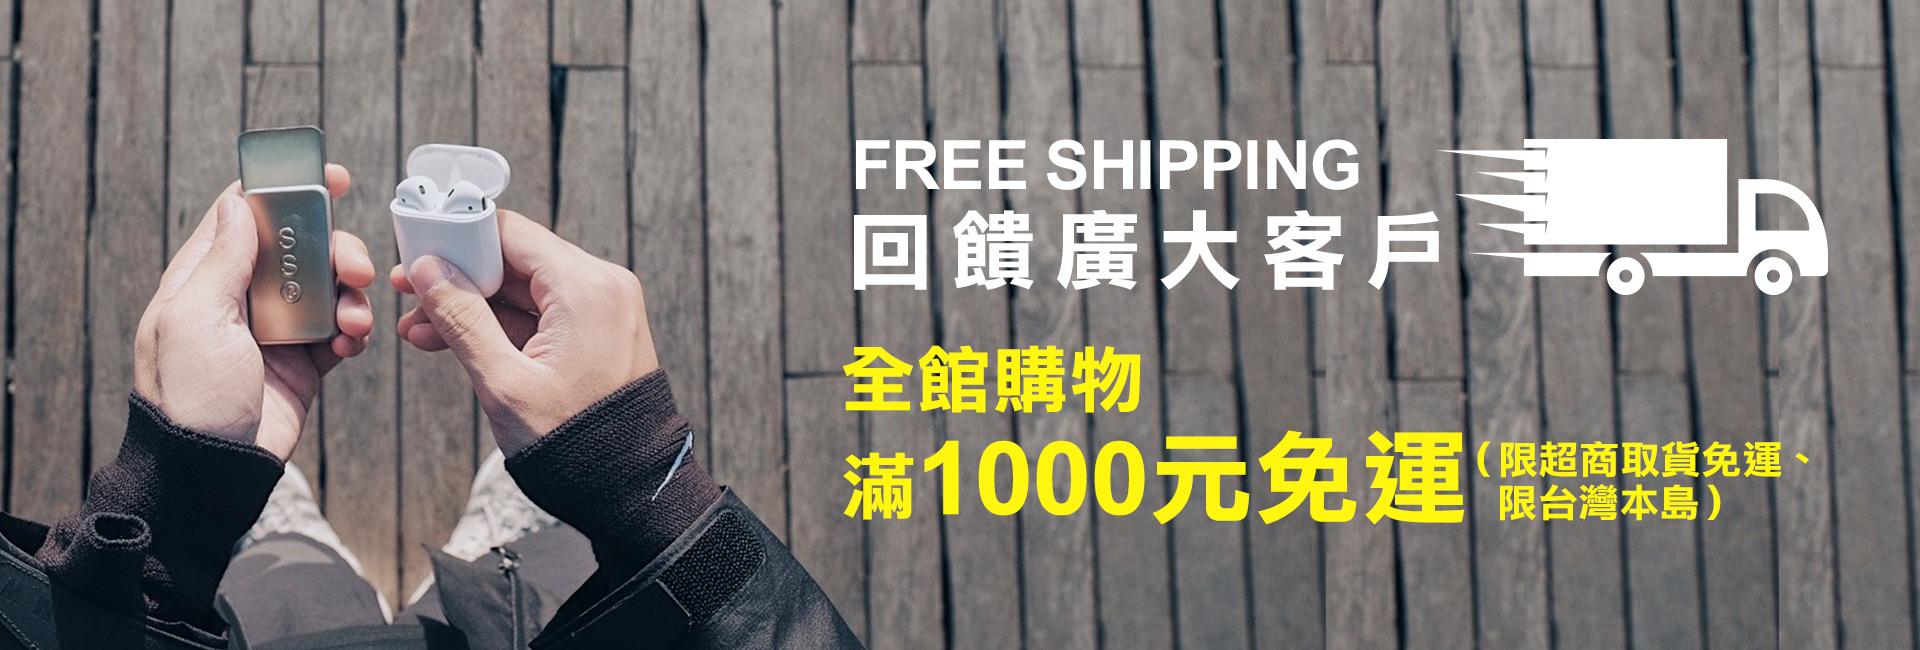 新先生 · Mr.Xin 官方網站 |